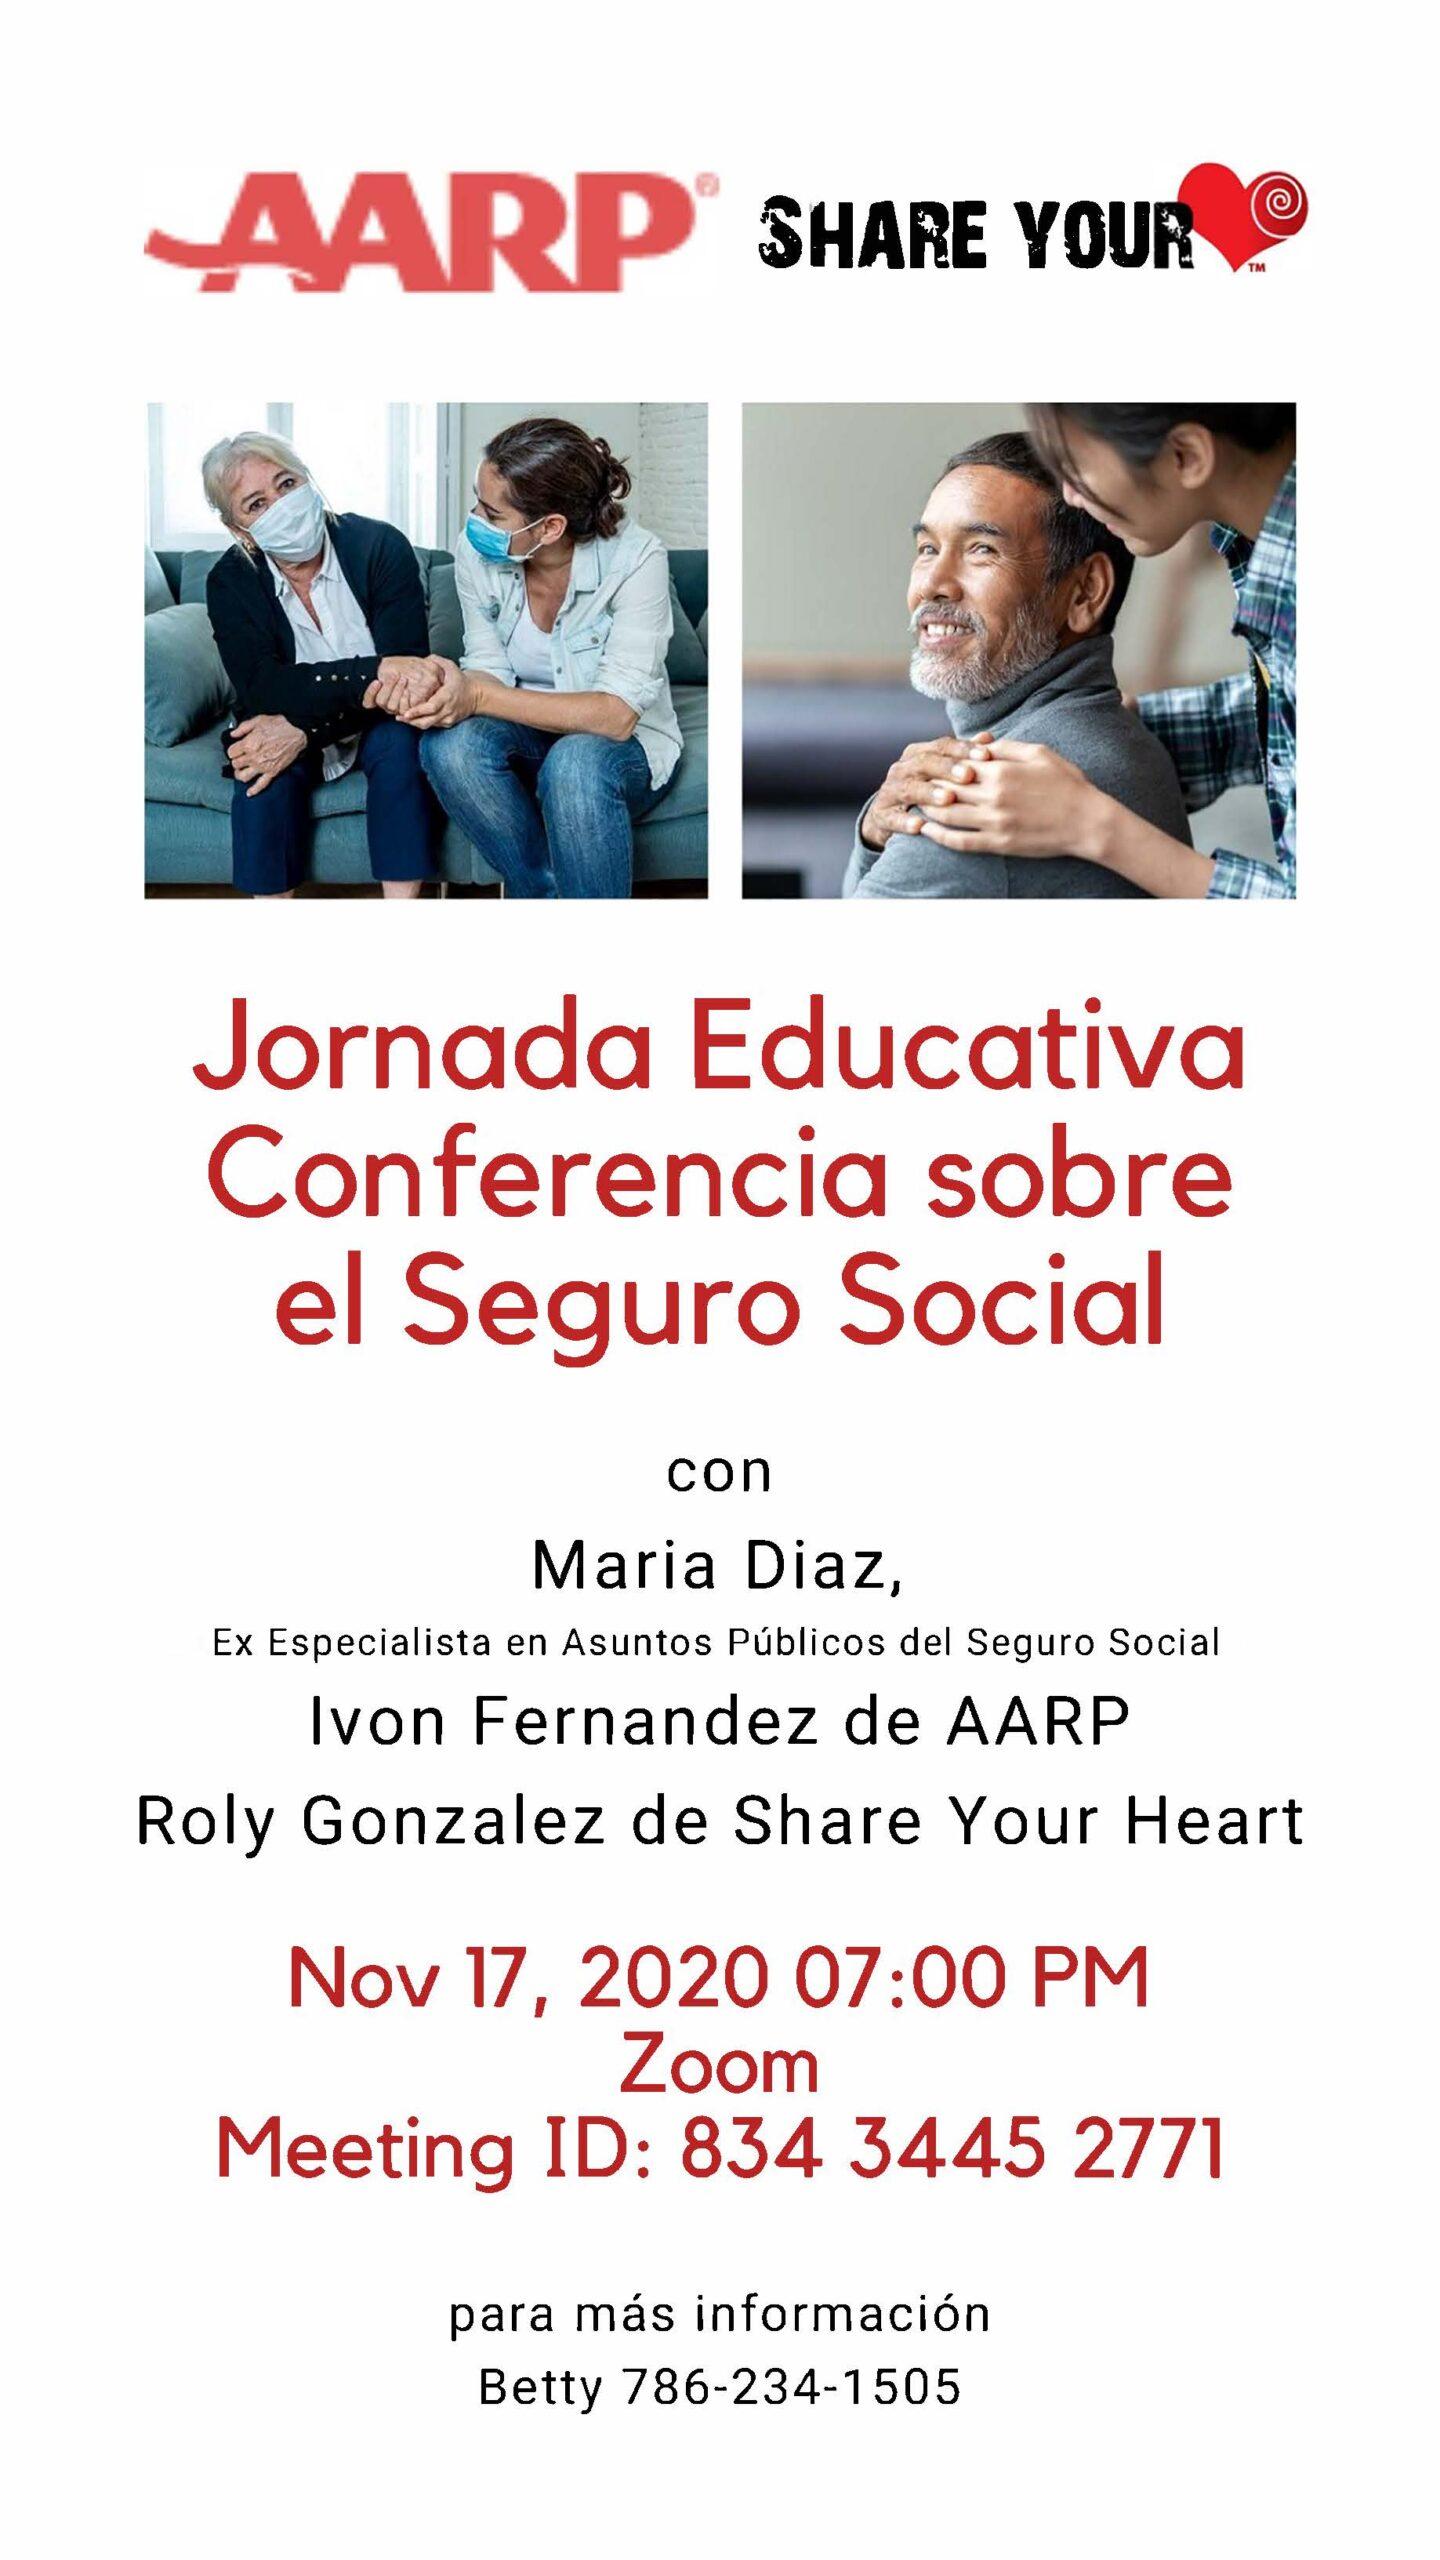 Jornada Educativa Conferencia sobre el Seguro Social @ Zoom Meeting